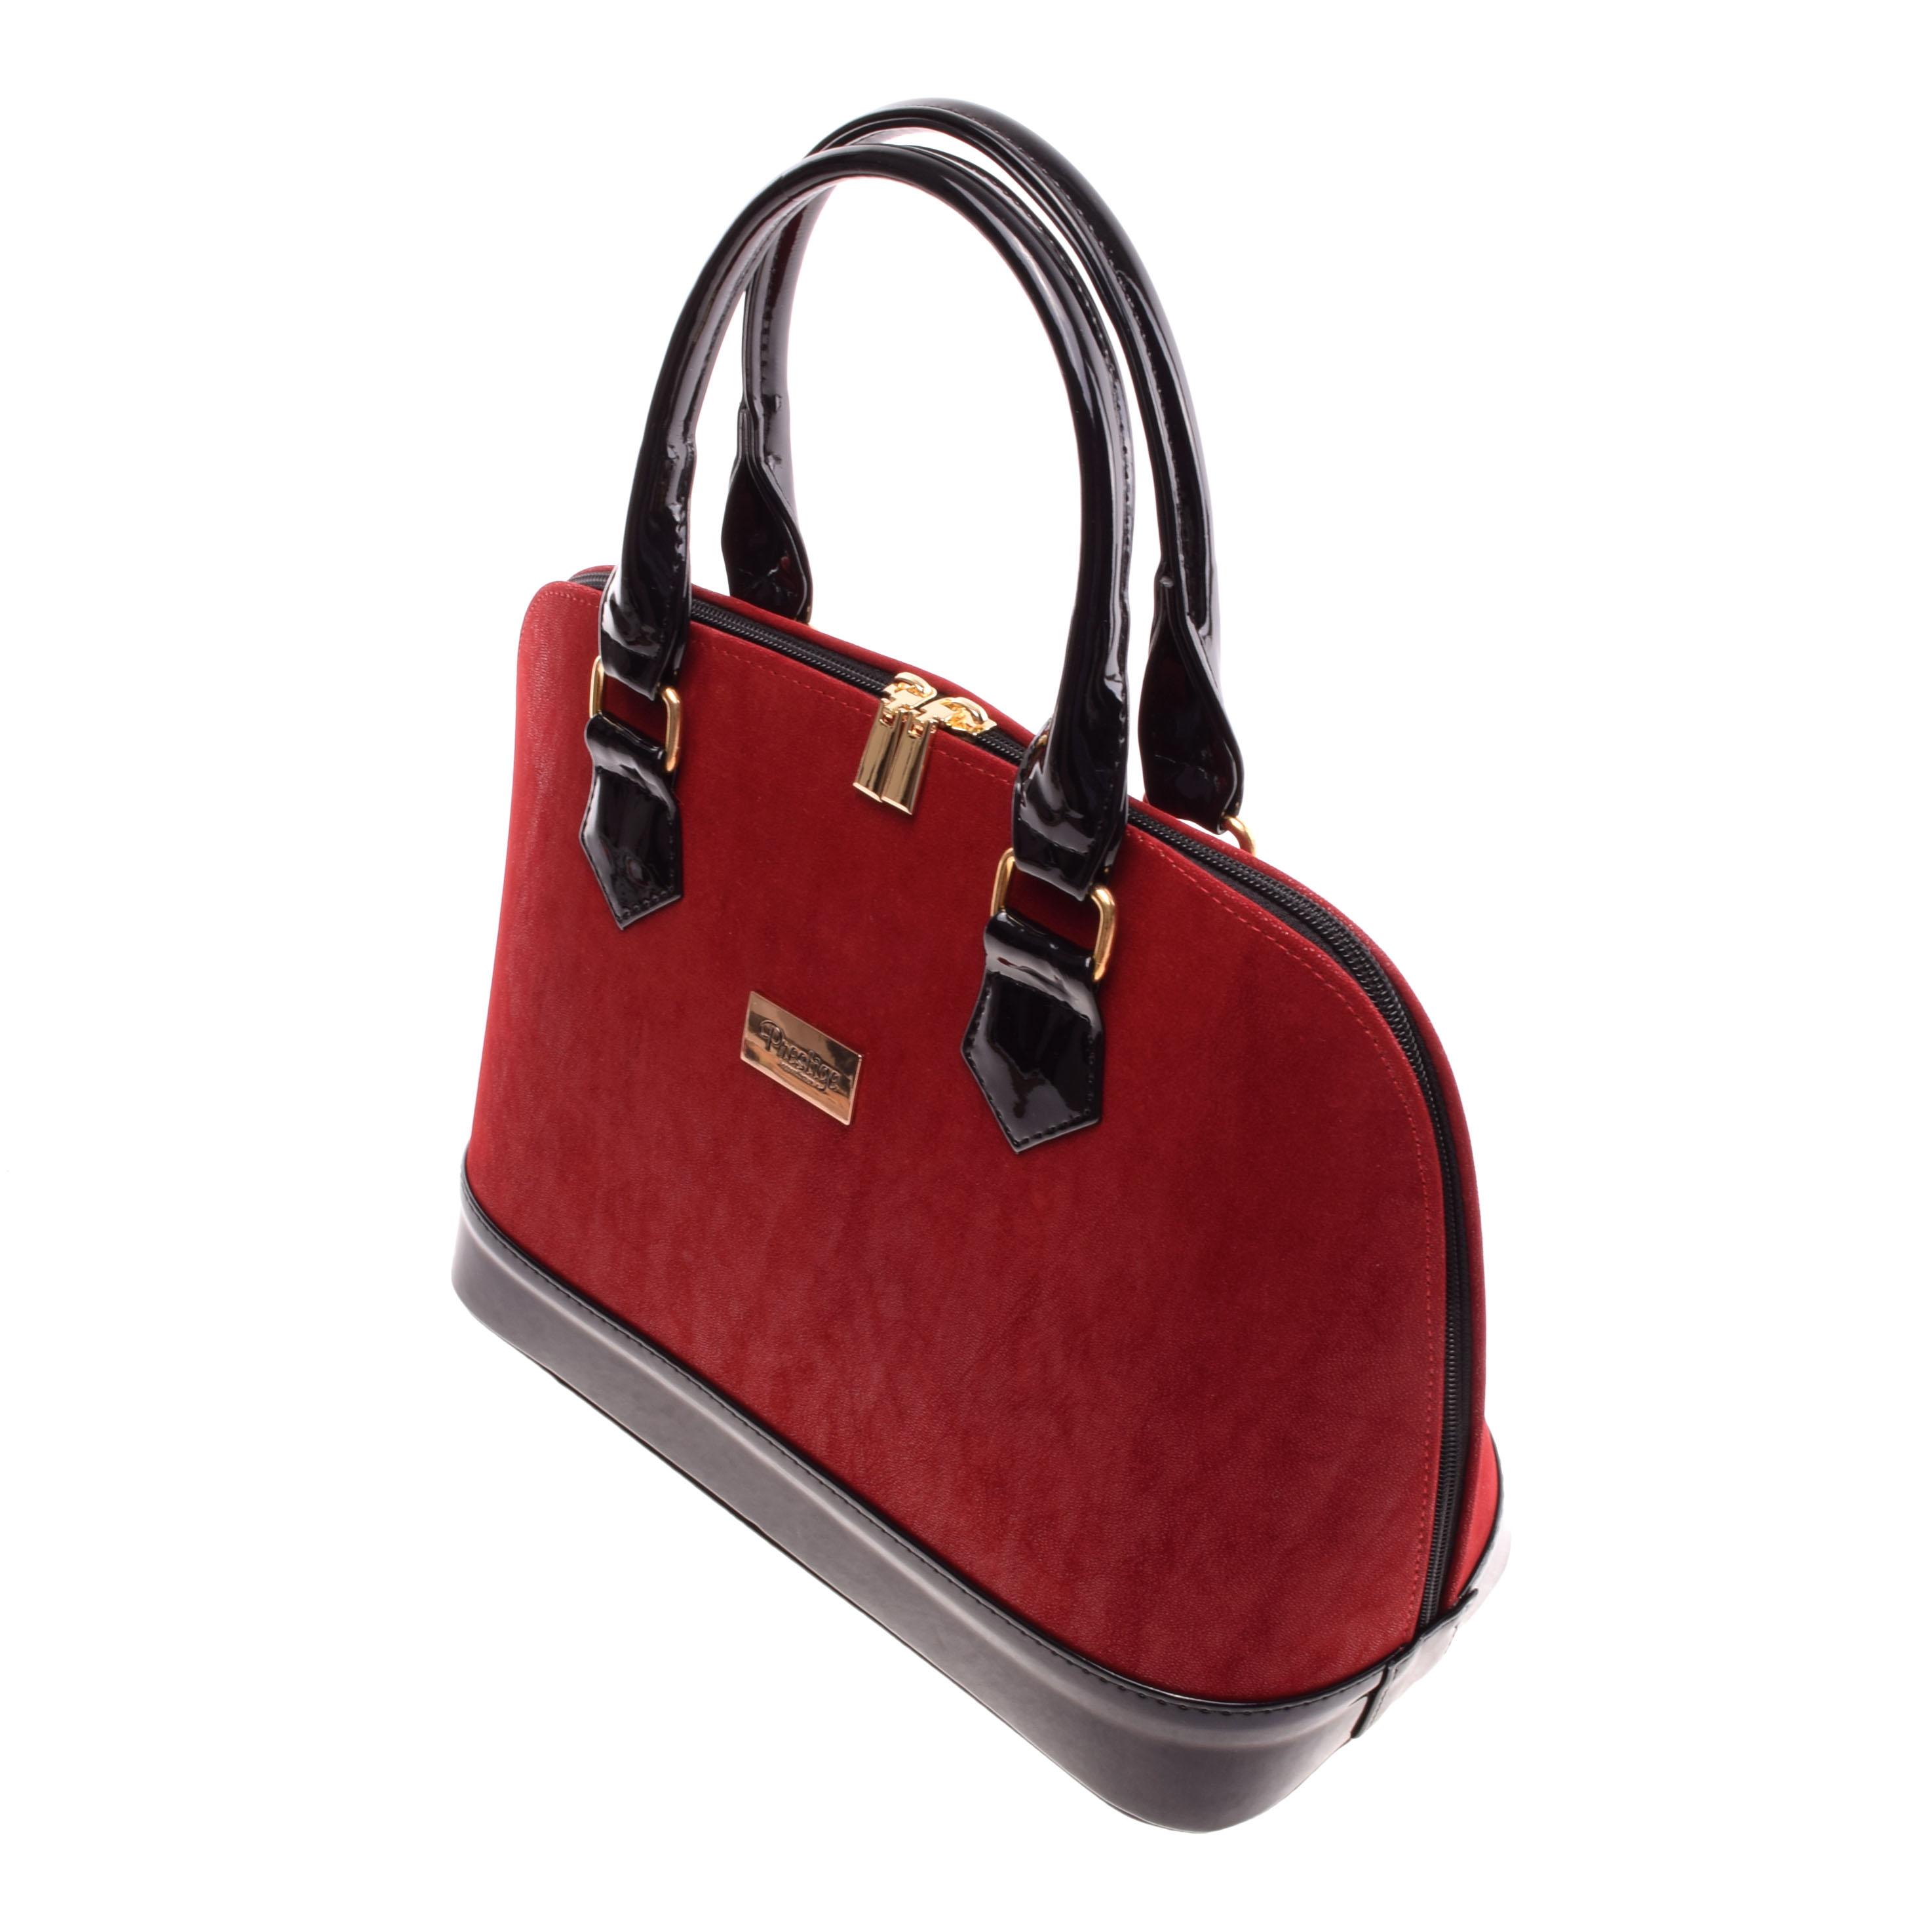 Prestige Női Fekete Piros Művelúr-Lakk Kézitáska - Válltáskák - Táska  webáruház - Minőségi táskák mindenkinek 6f98e9d41e